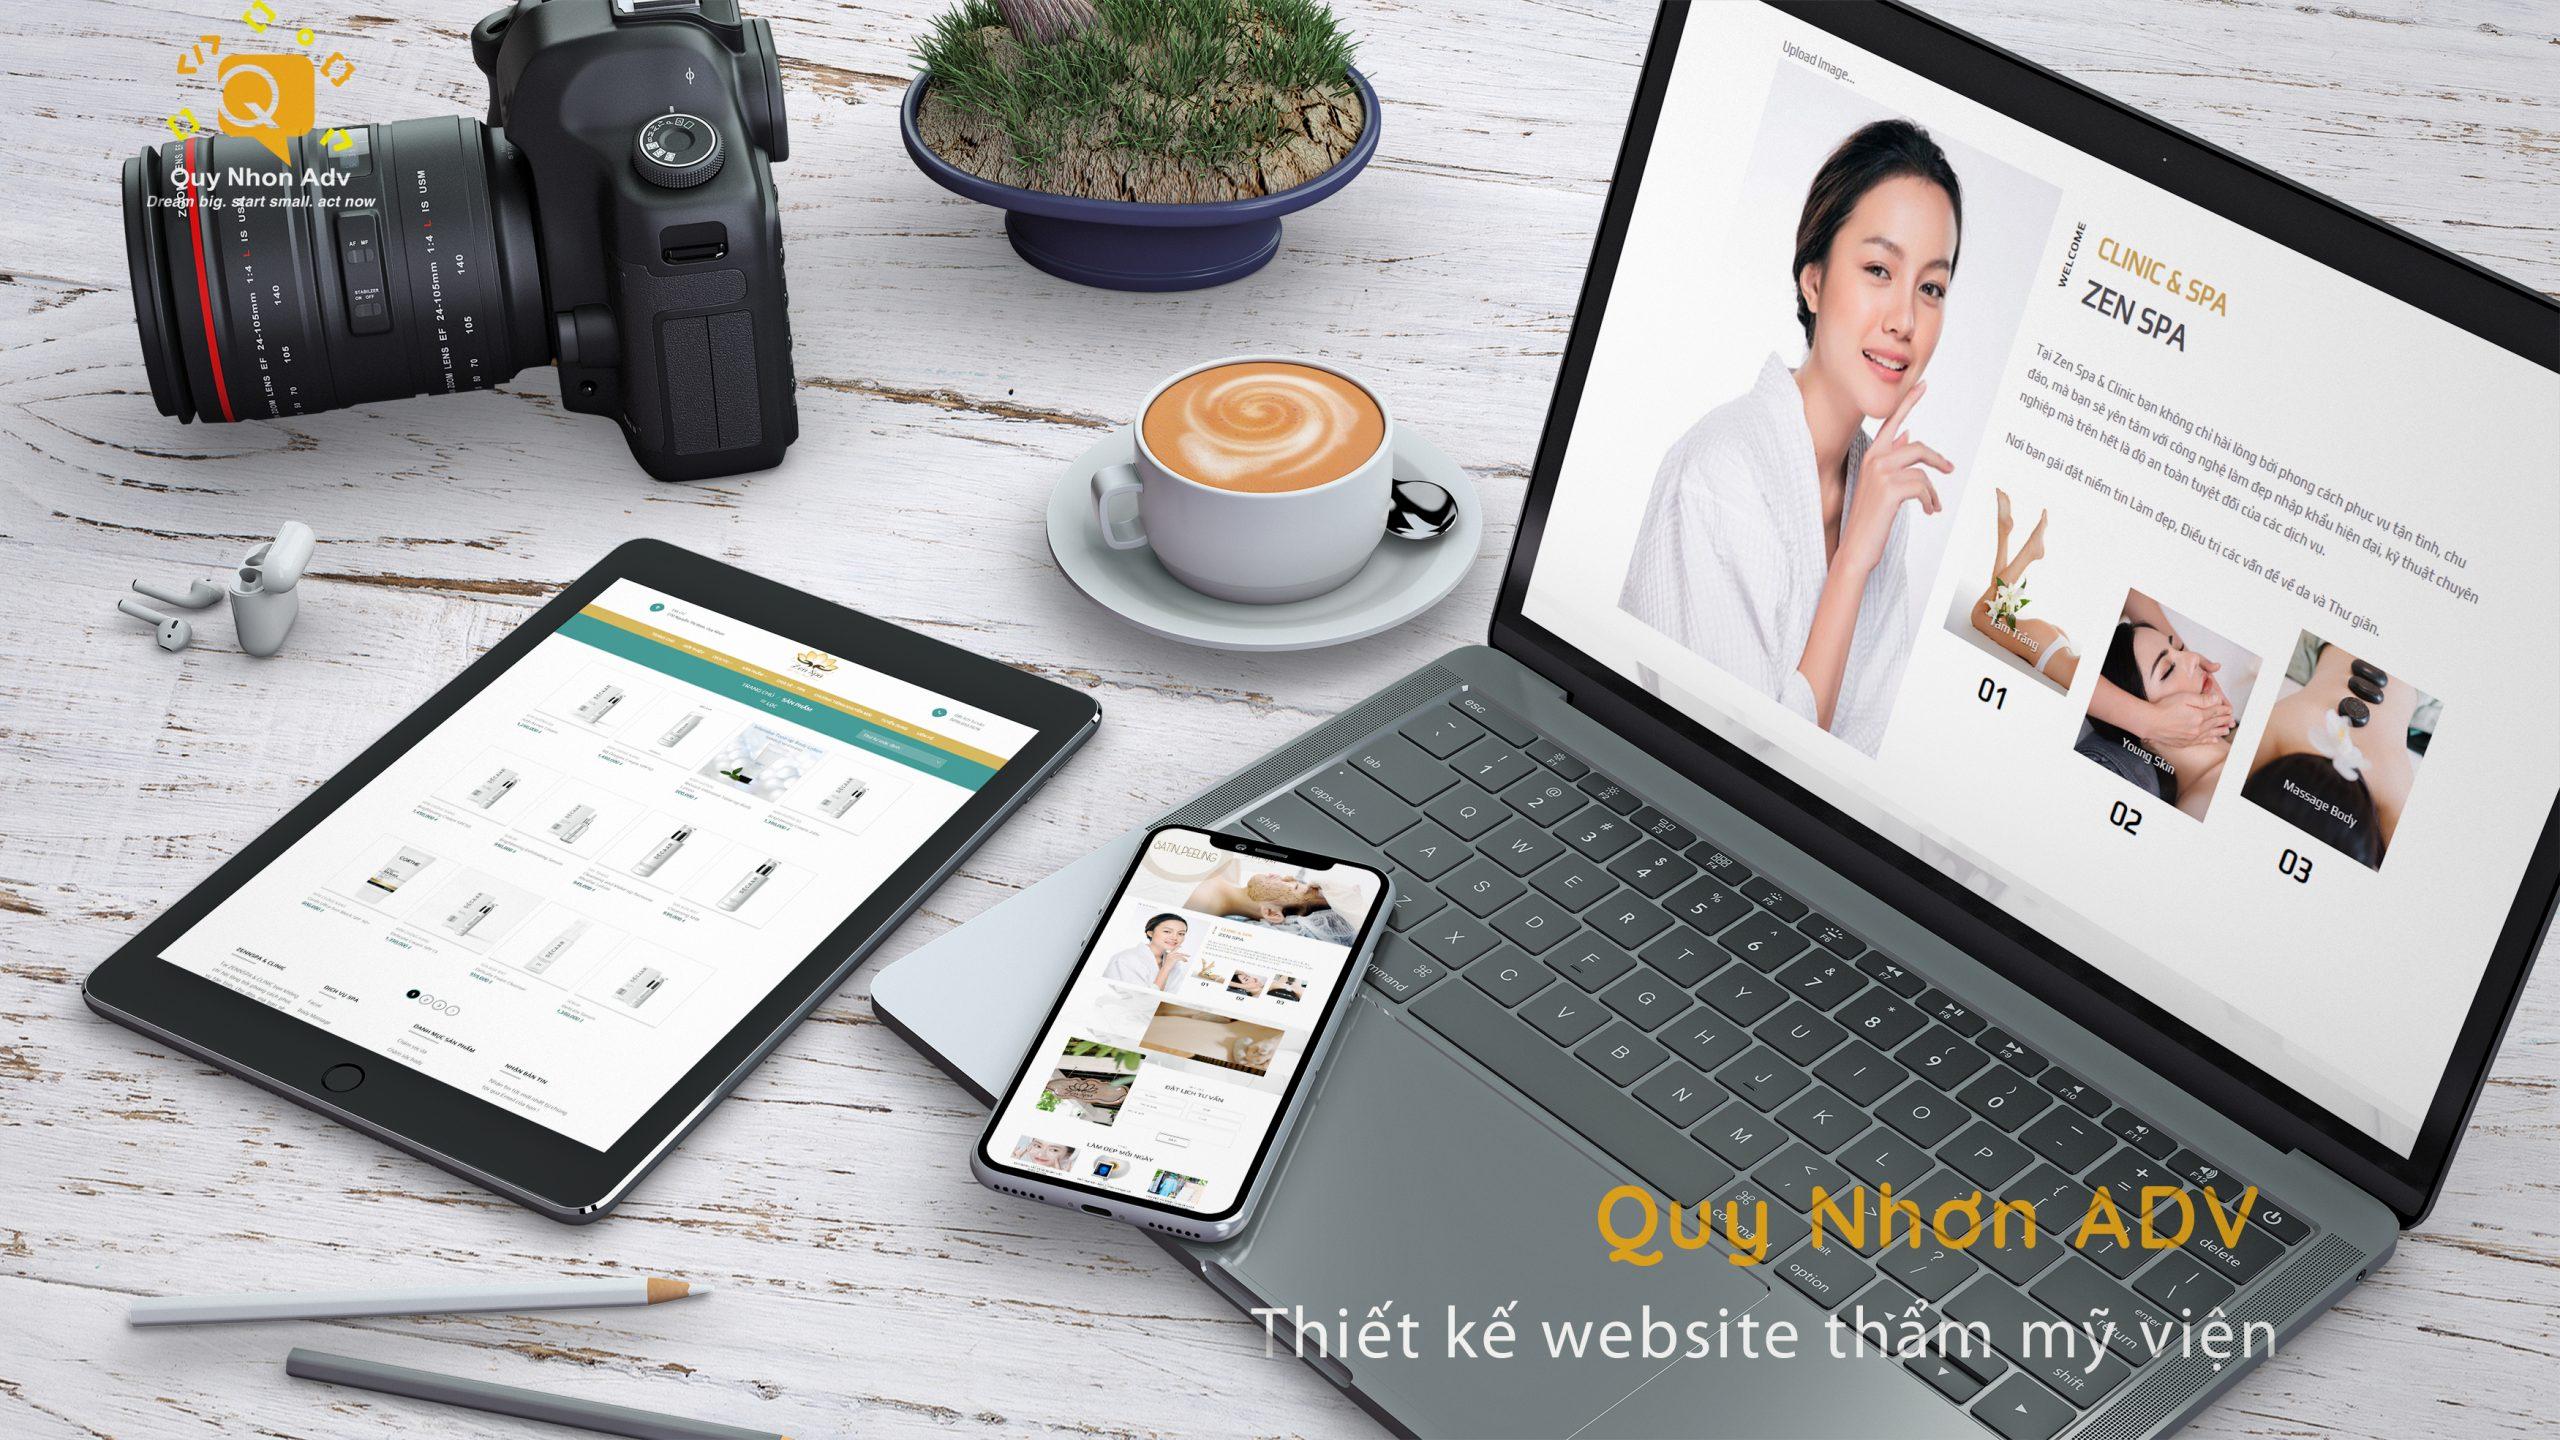 Thiết kế website thẩm mỹ viện Quy Nhơn